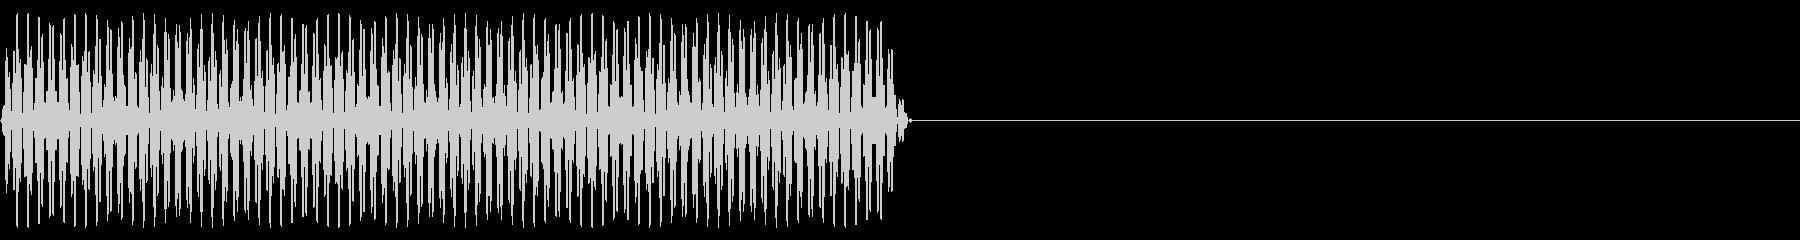 『ピッ』電話のプッシュ音(2)-単音の未再生の波形